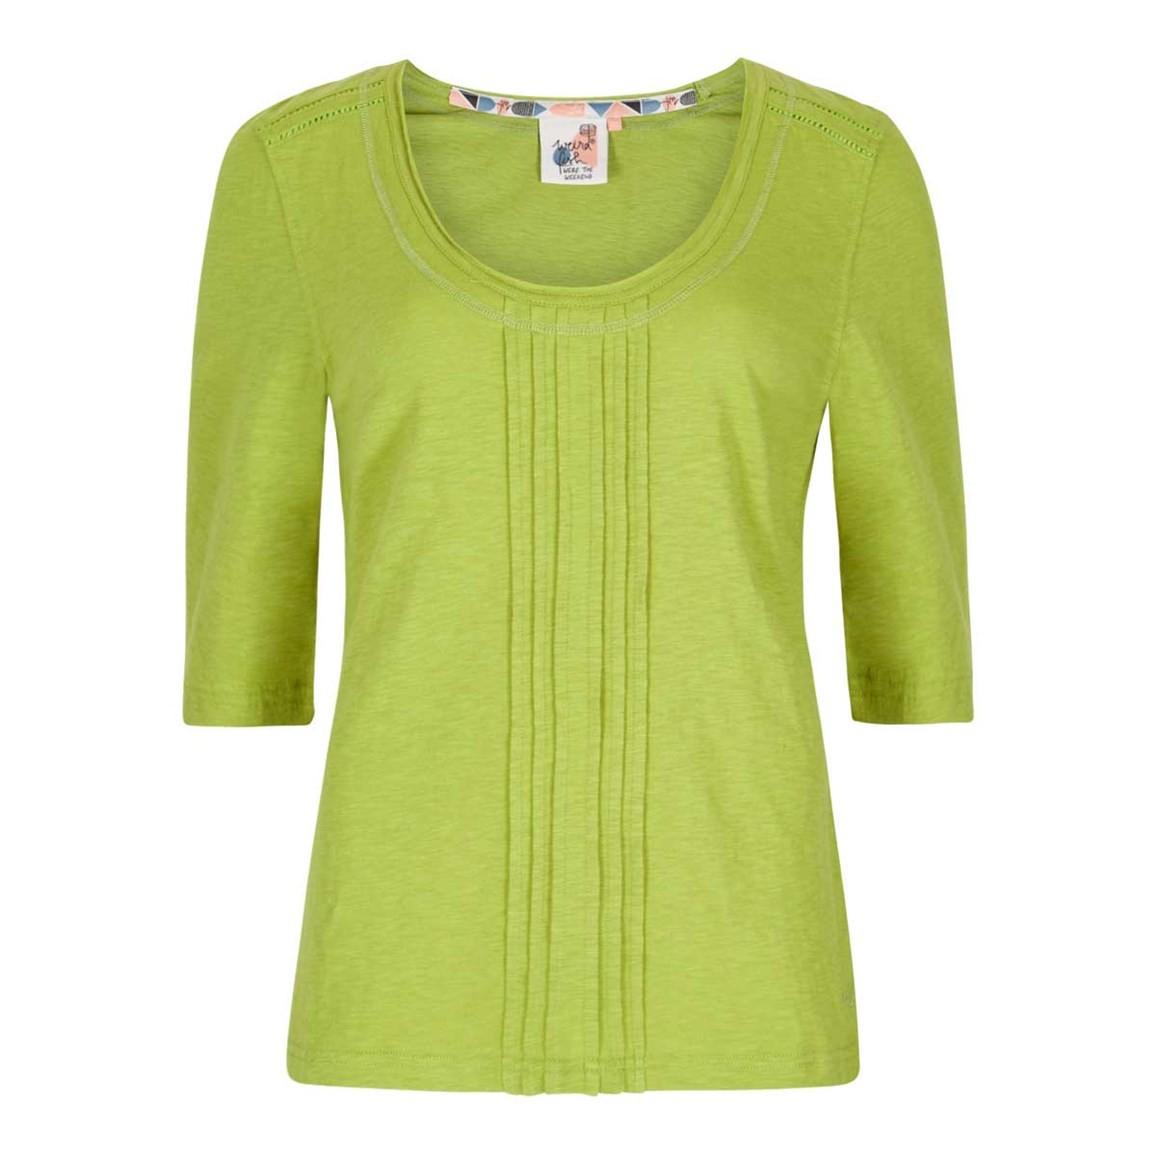 Weird Fish Santana Slub Jersey Outfitter T-Shirt Lime Size 10